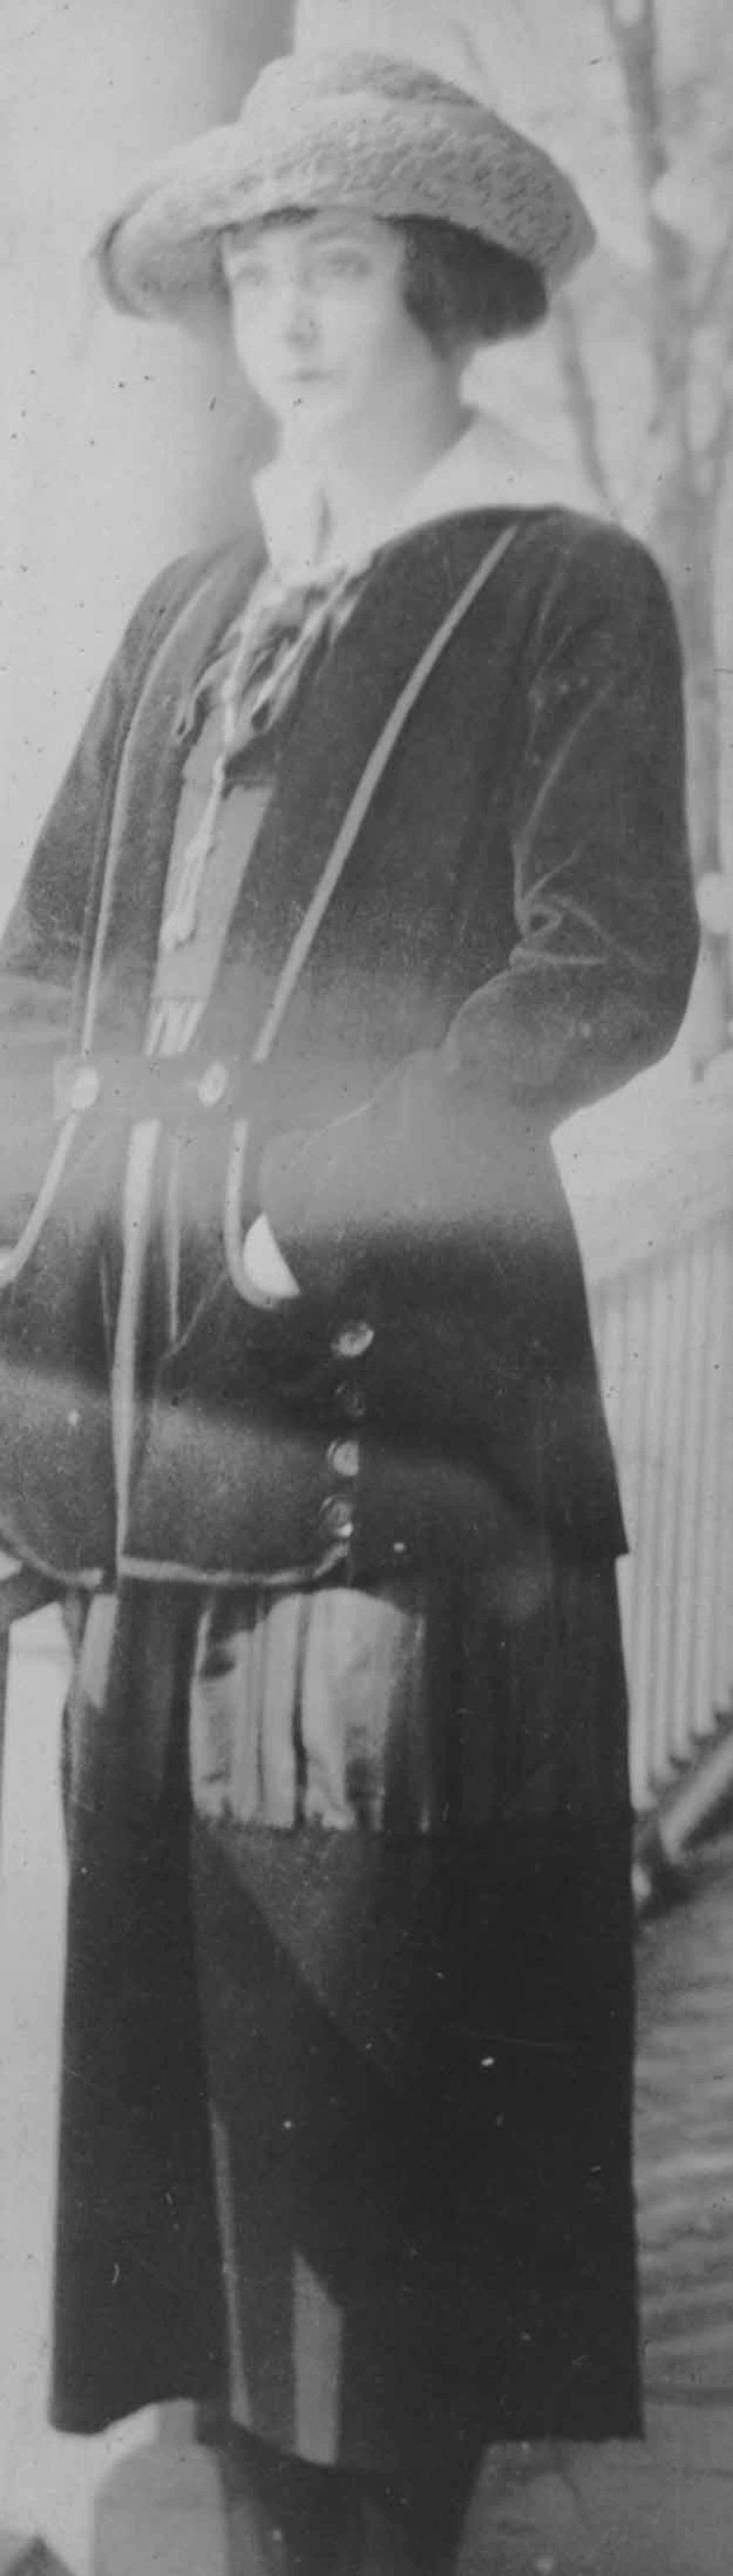 Anais 1920s 2.jpg